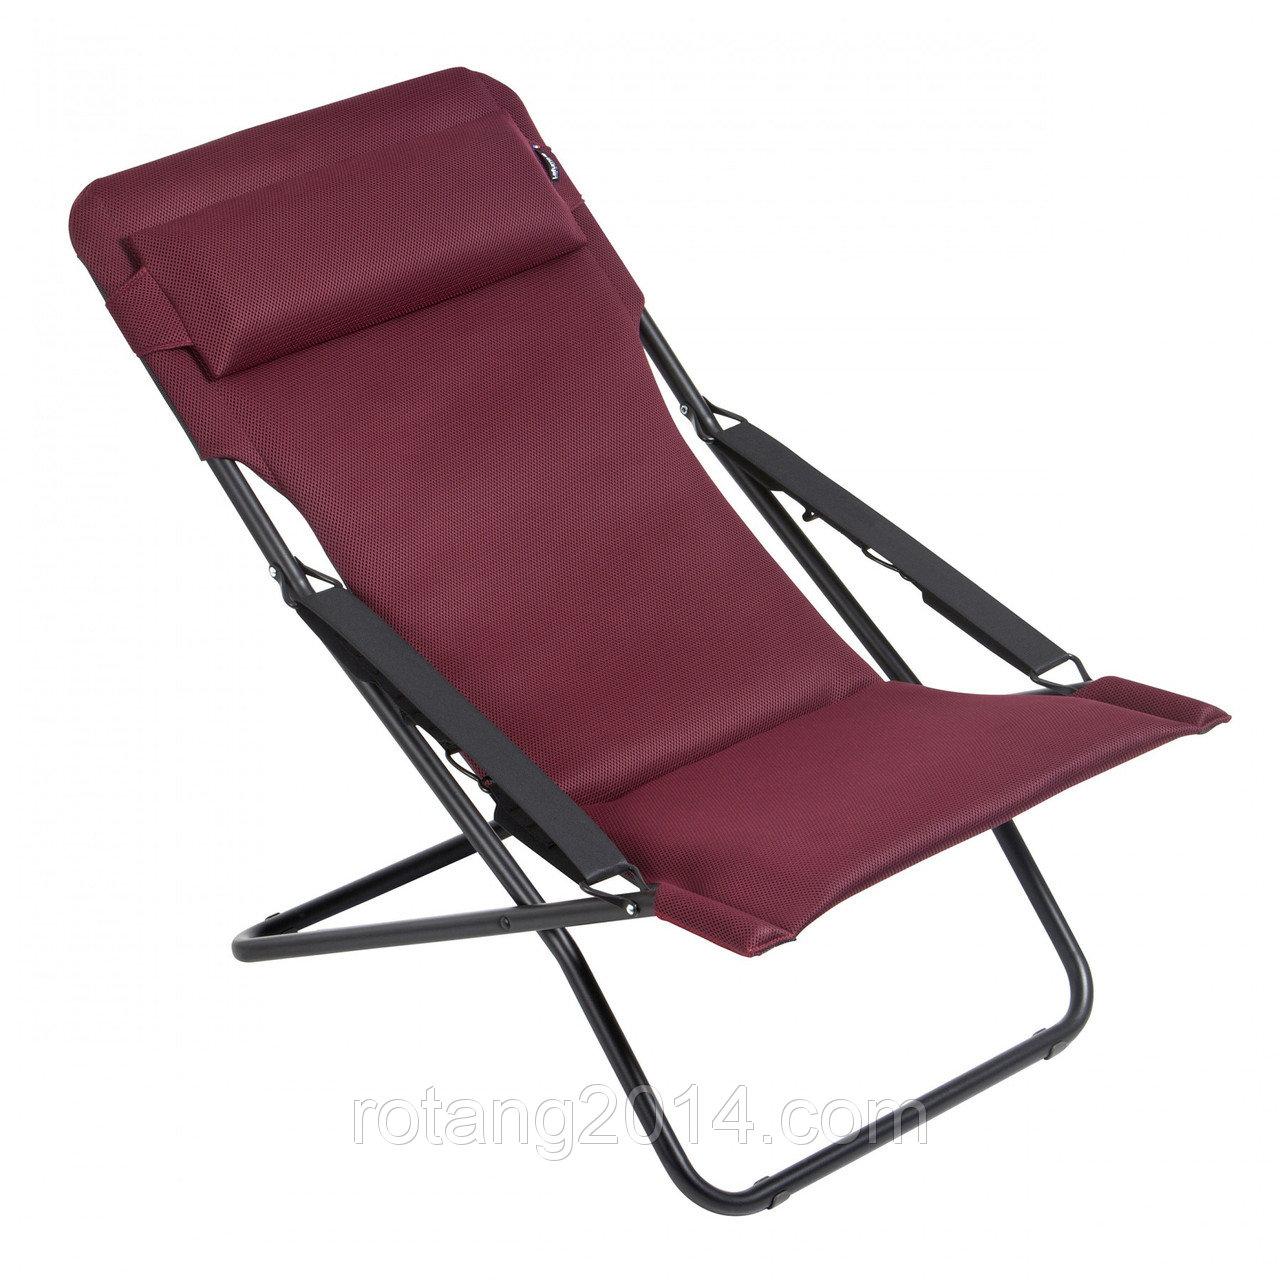 Кресло-шезлонг для туризма и кемпинга